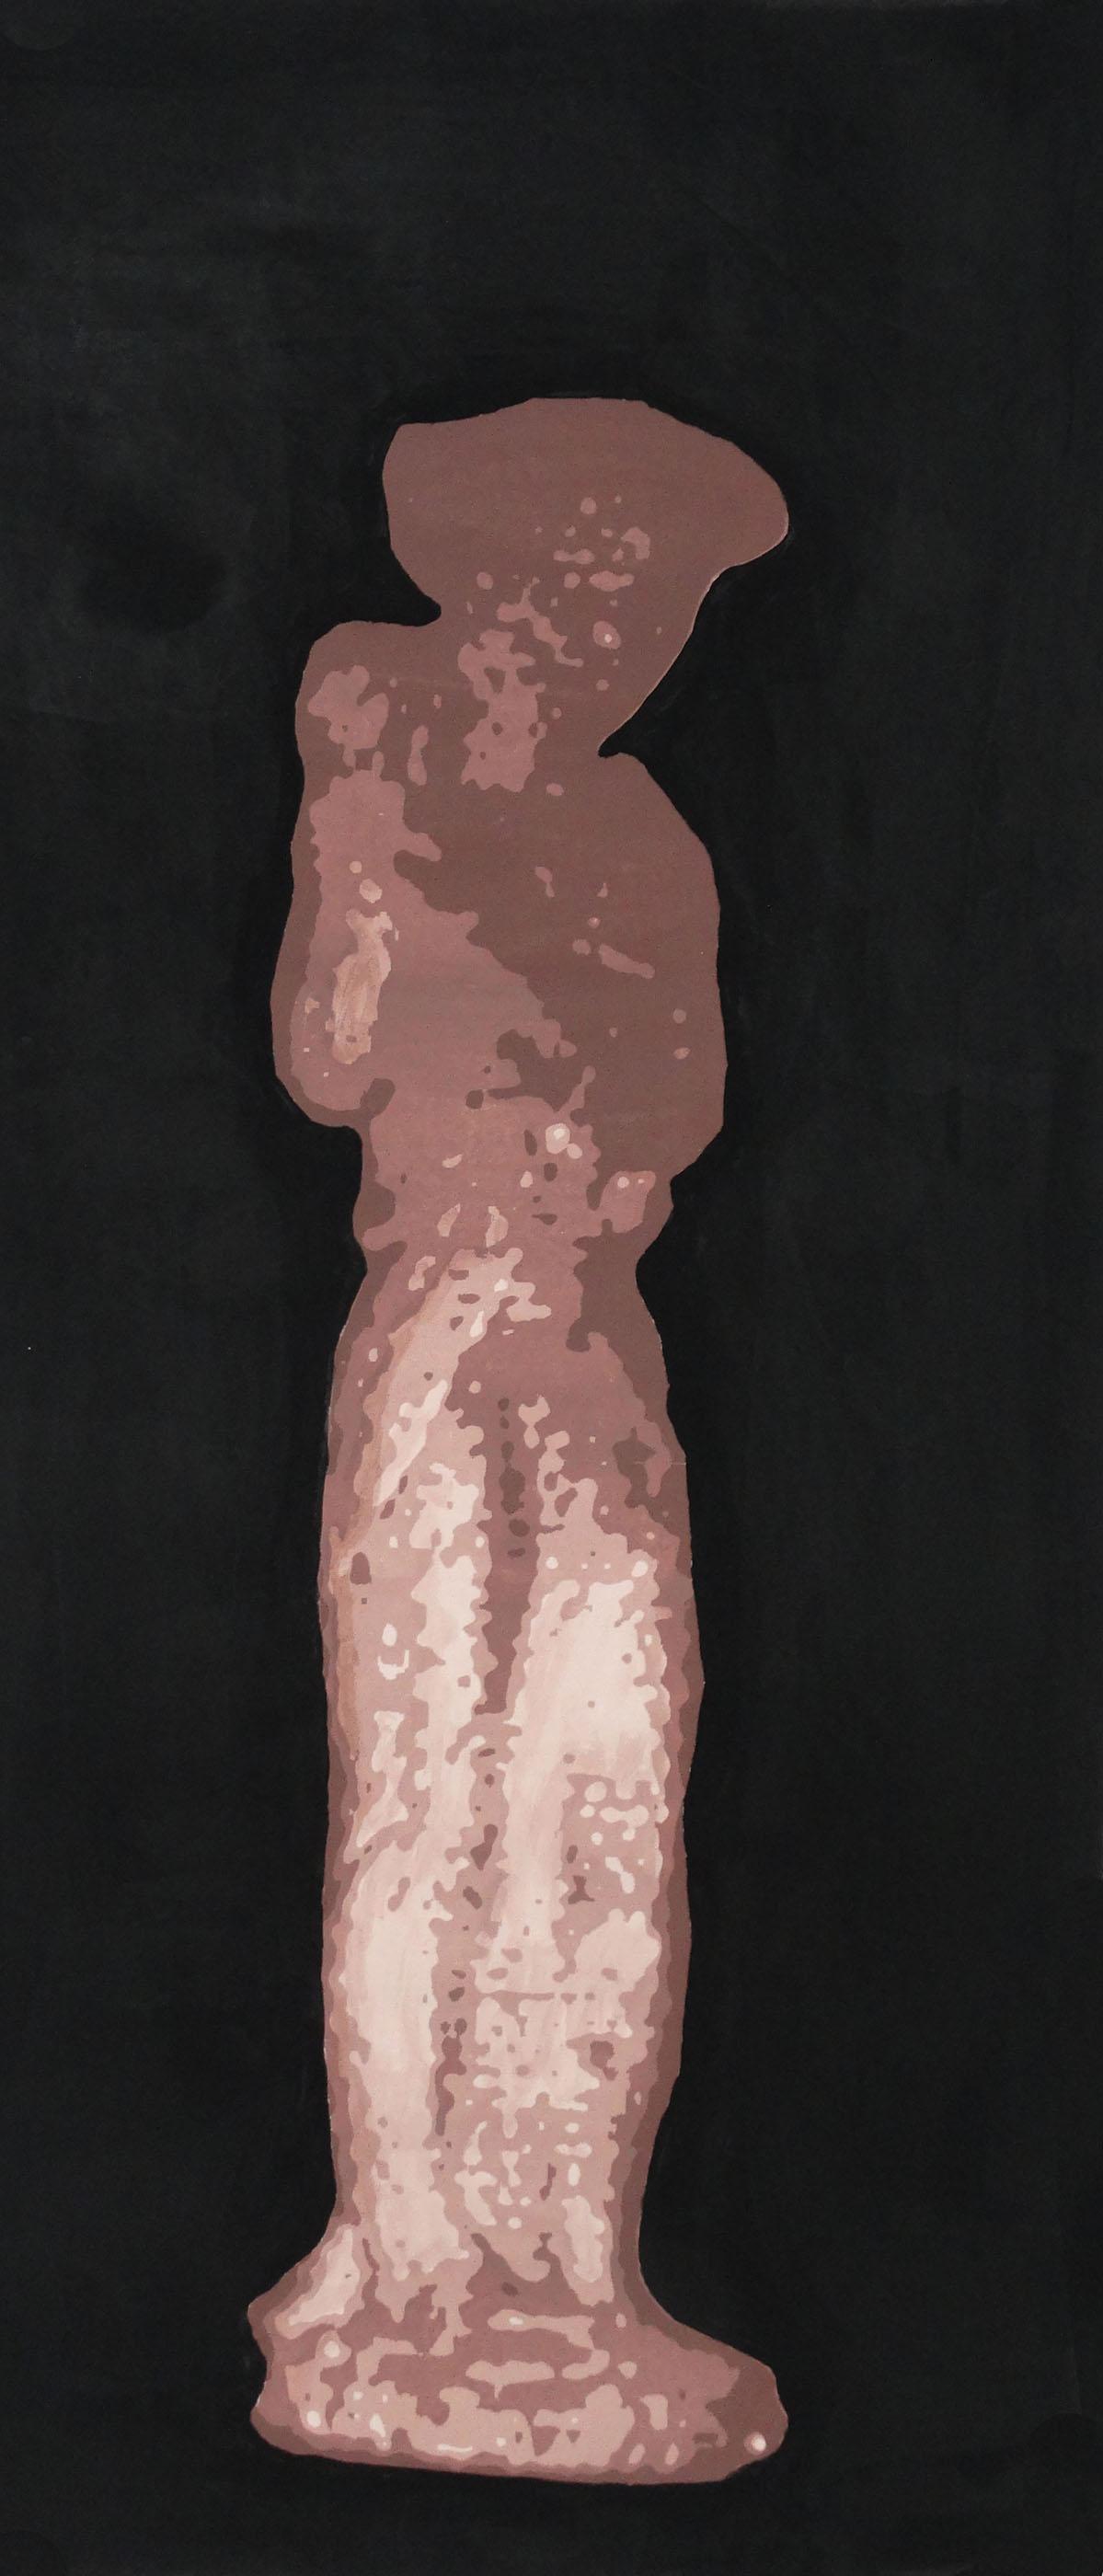 TB_2018_Sculptural Replica